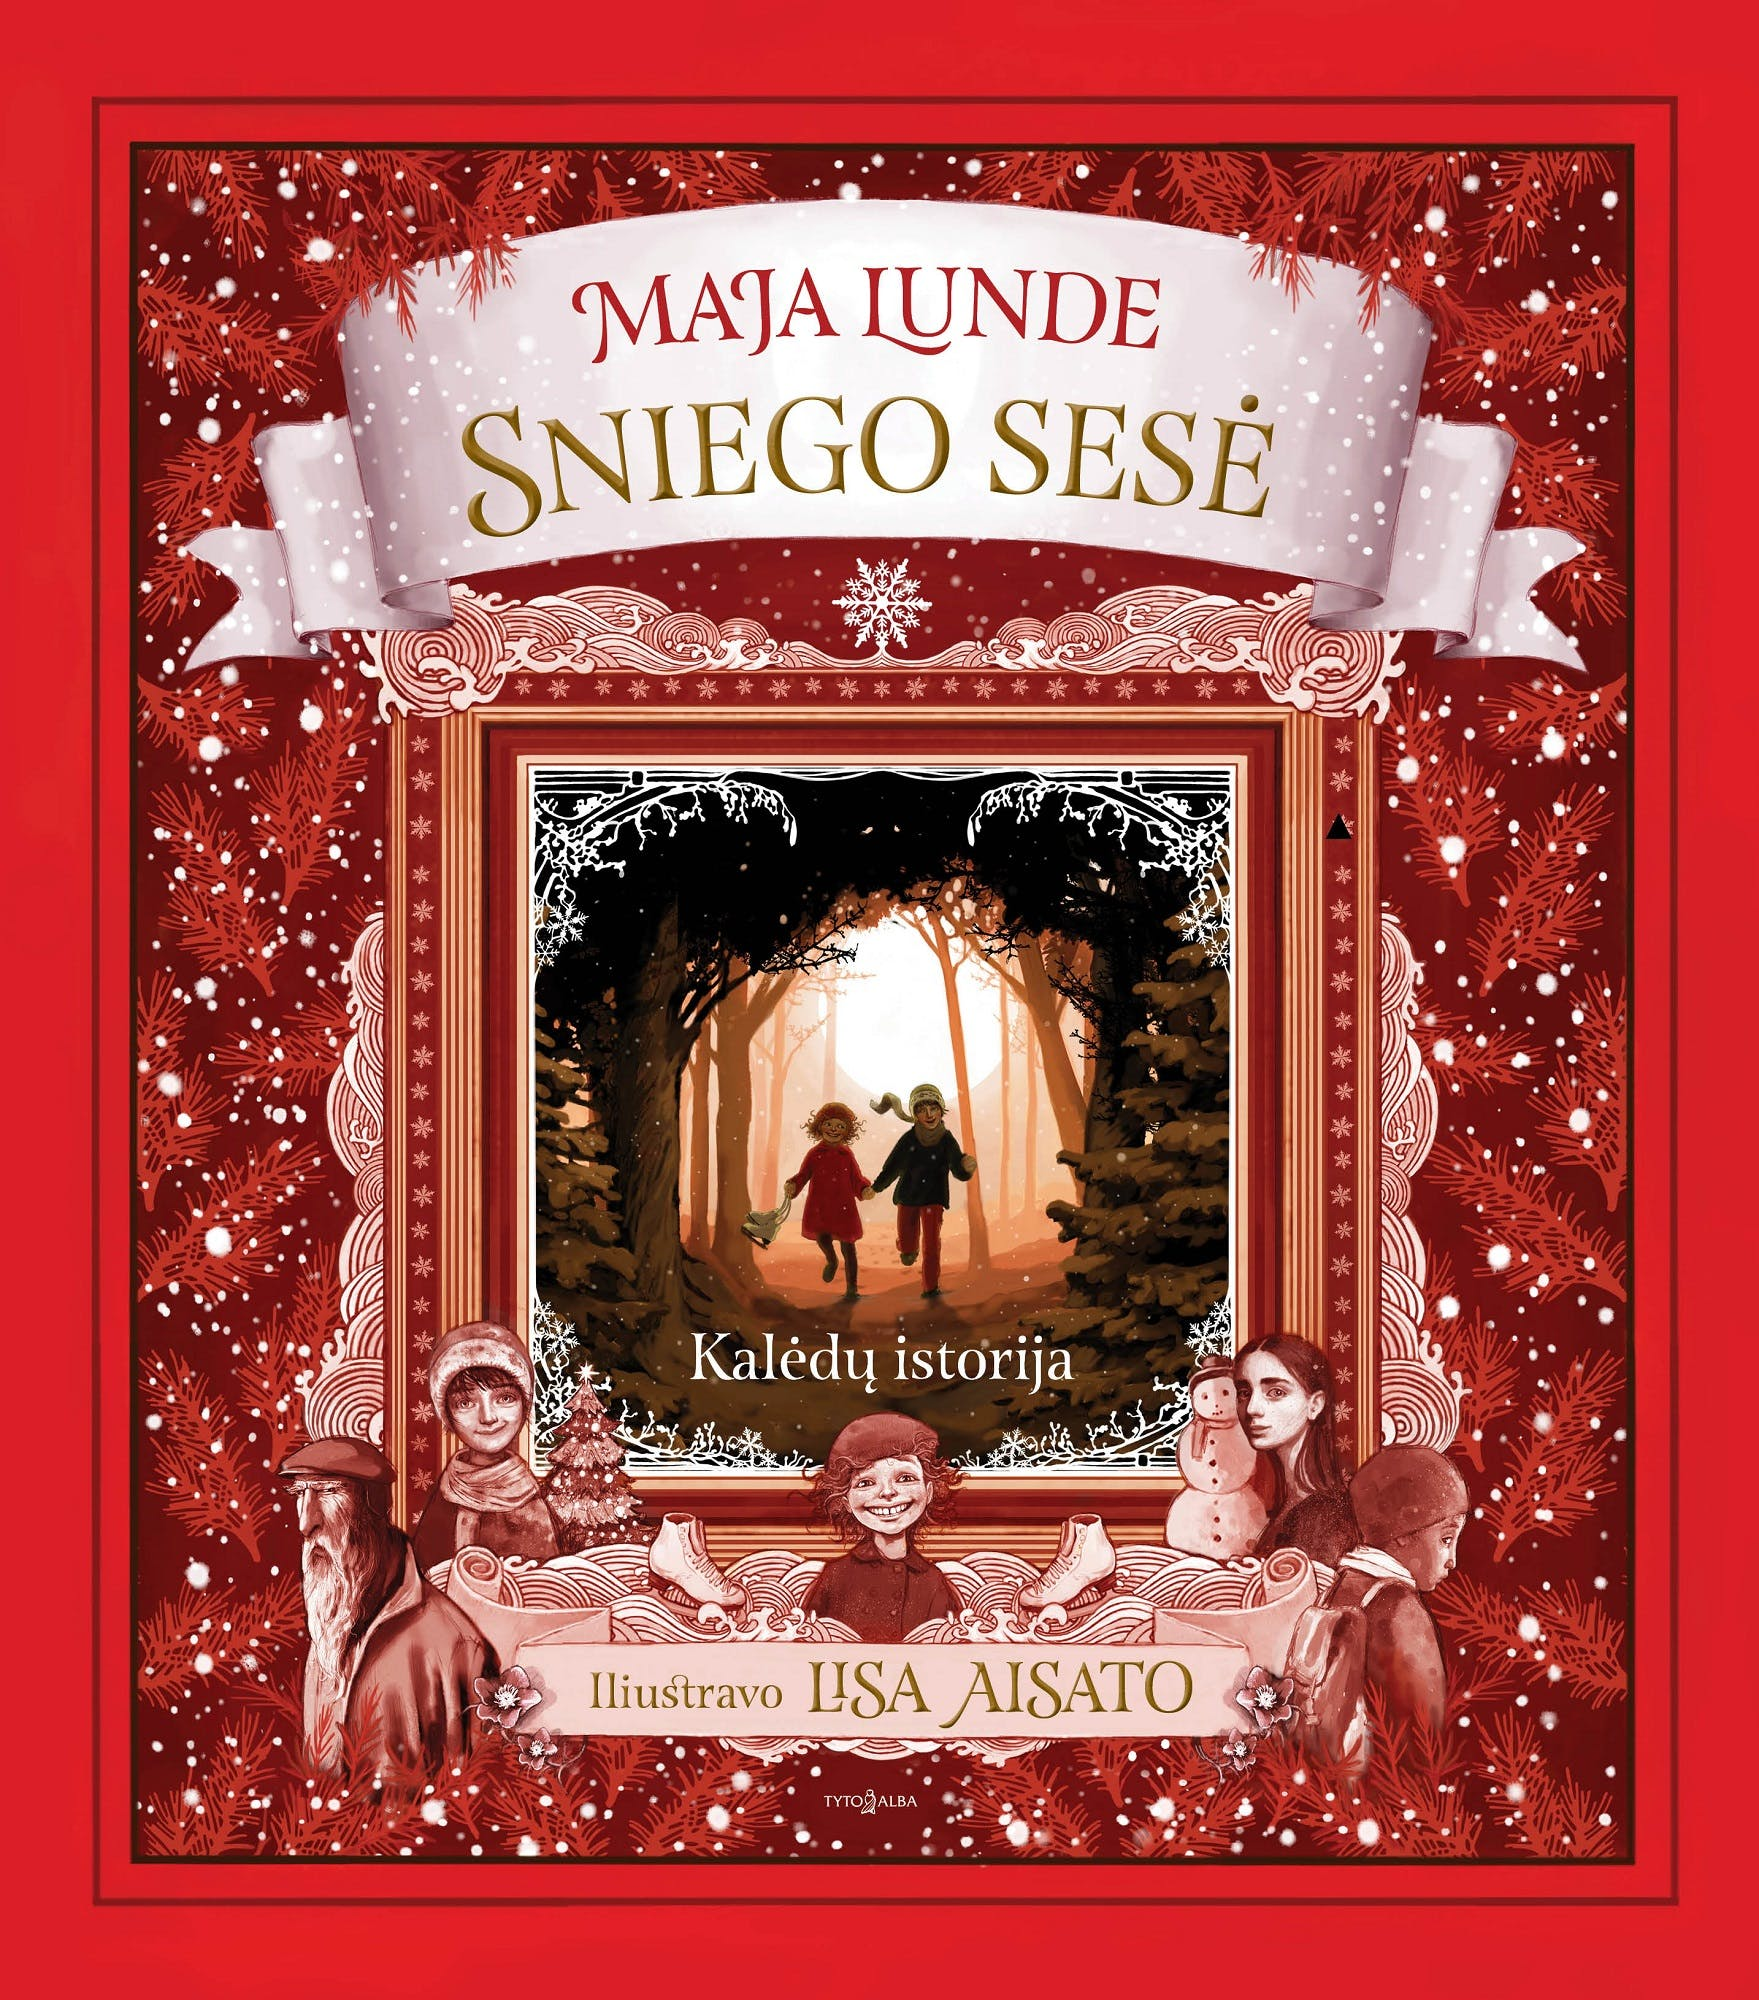 SNIEGO SESĖ: sniego ir paslapčių kupina istorija, kuri pripildys jūsų namus kalėdinės nuotaikos